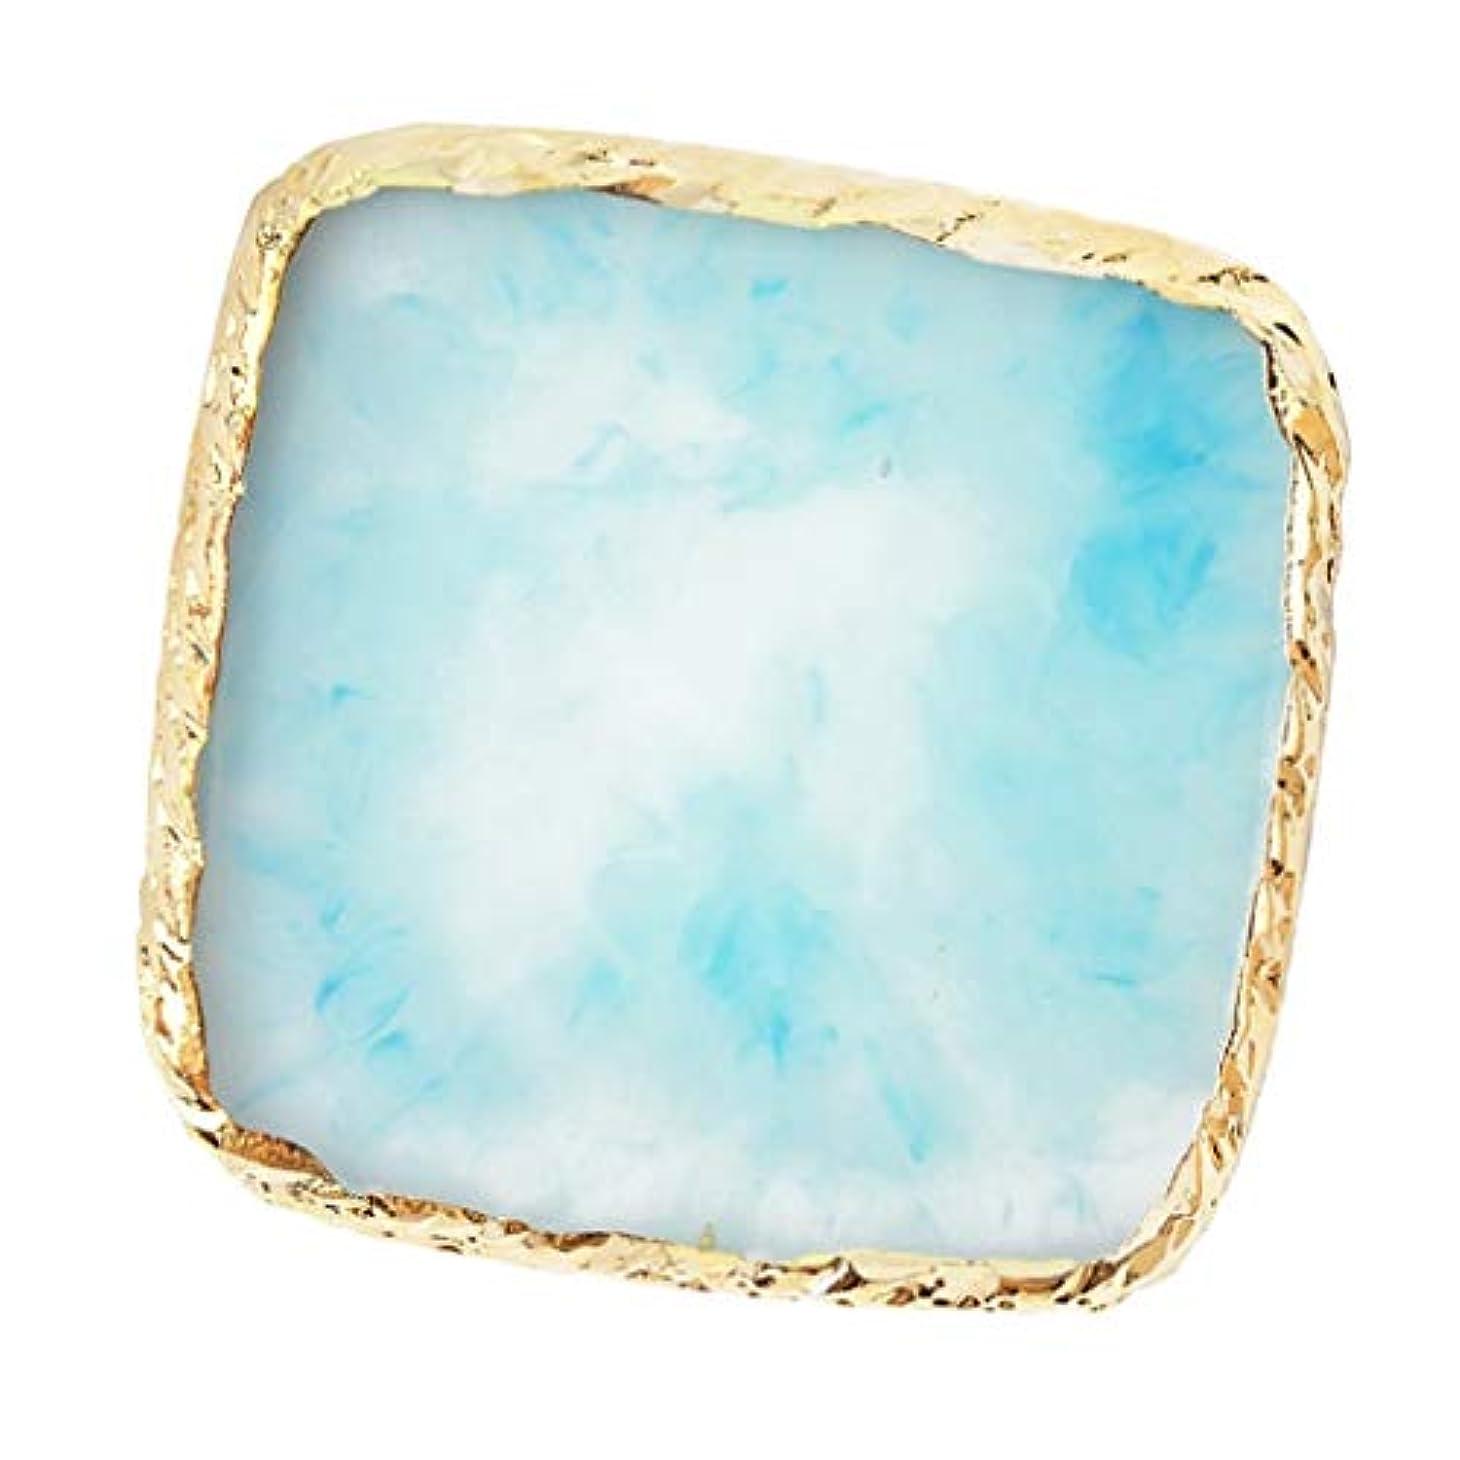 傀儡エンジニアリング若者IPOTCH ネイルアート カラーブレンド ミキシングパレット 樹脂製 6色選べ - 青